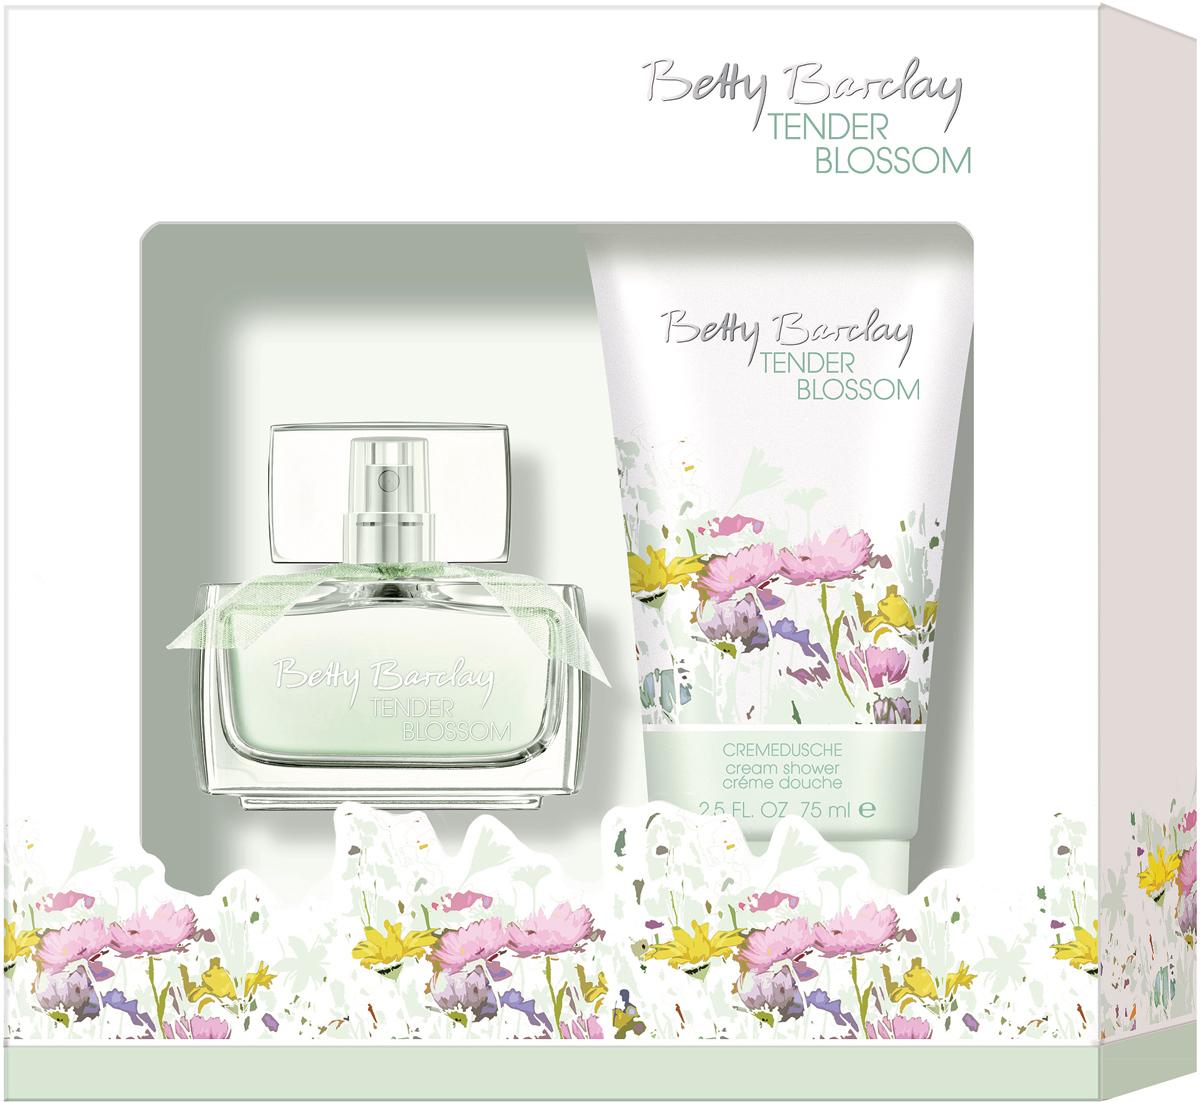 Betty Barclay Tender Blossom Набор Туалетная вода женская, 20 мл + гель для душа, 75 мл4011700367283В набор входит уже полюбившийся многим аромат Tender Blossom и гель для душа.